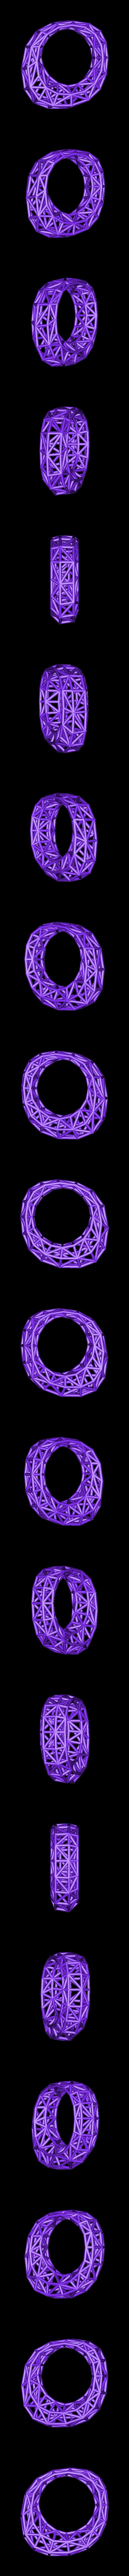 ring9_meszhedit.obj Télécharger fichier OBJ gratuit Bague No.9 • Plan pour impression 3D, Not3dred